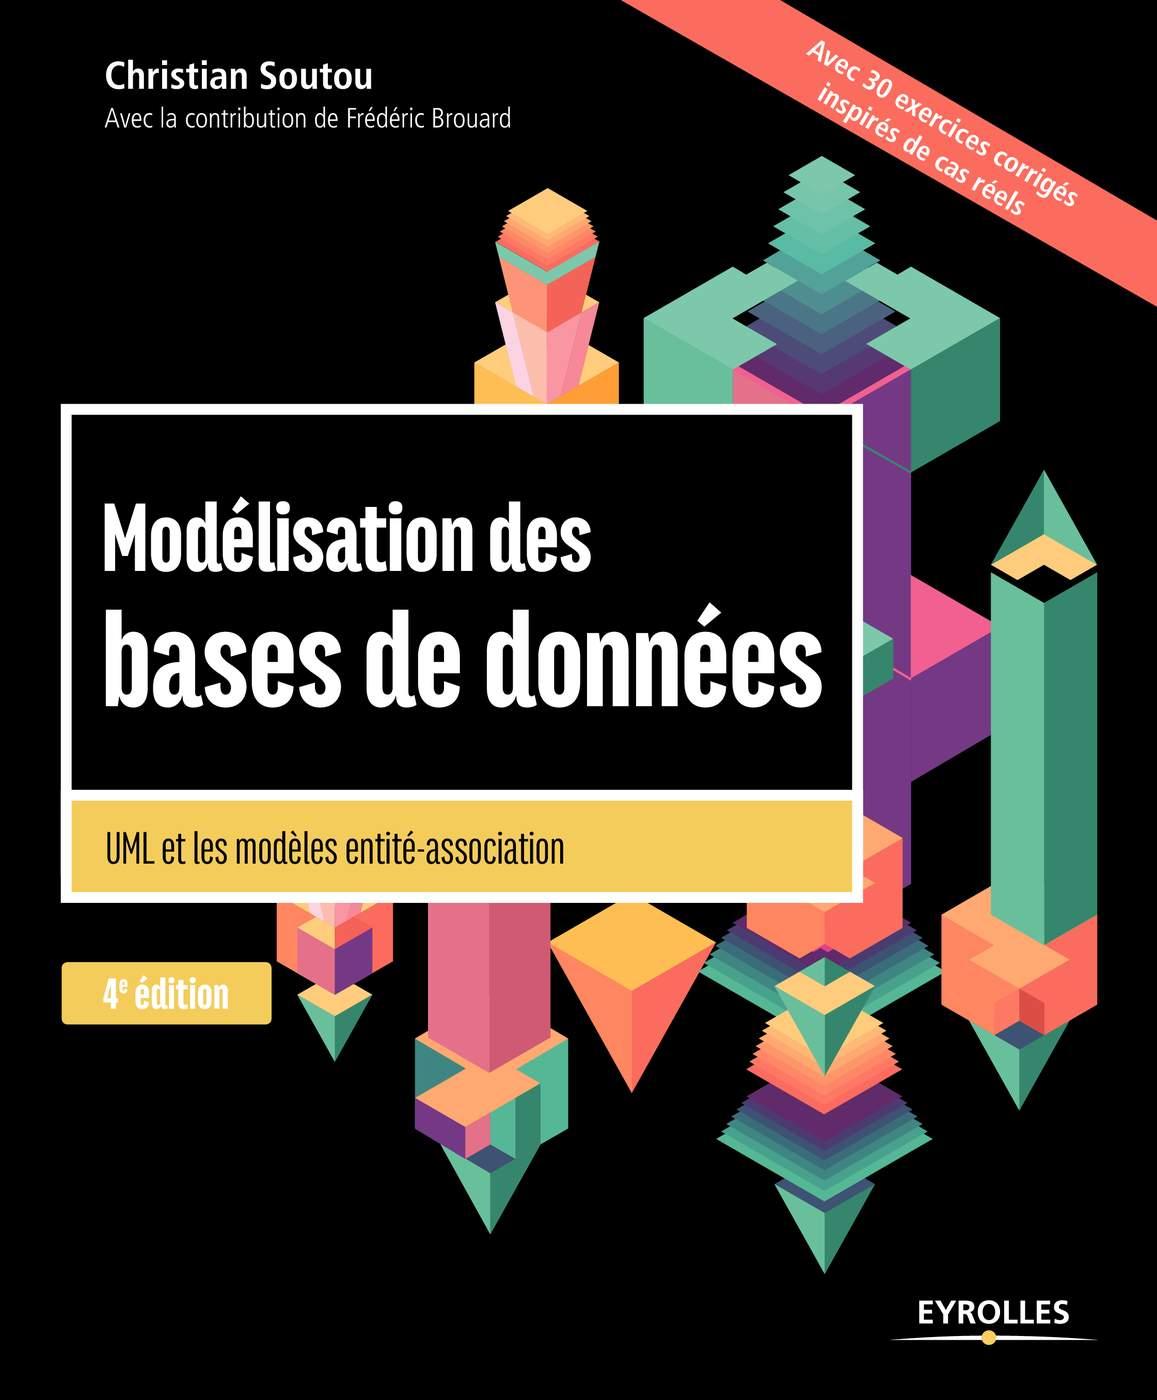 Nom : Modelisation Soutou Brouard.jpg Affichages : 24 Taille : 110,4 Ko